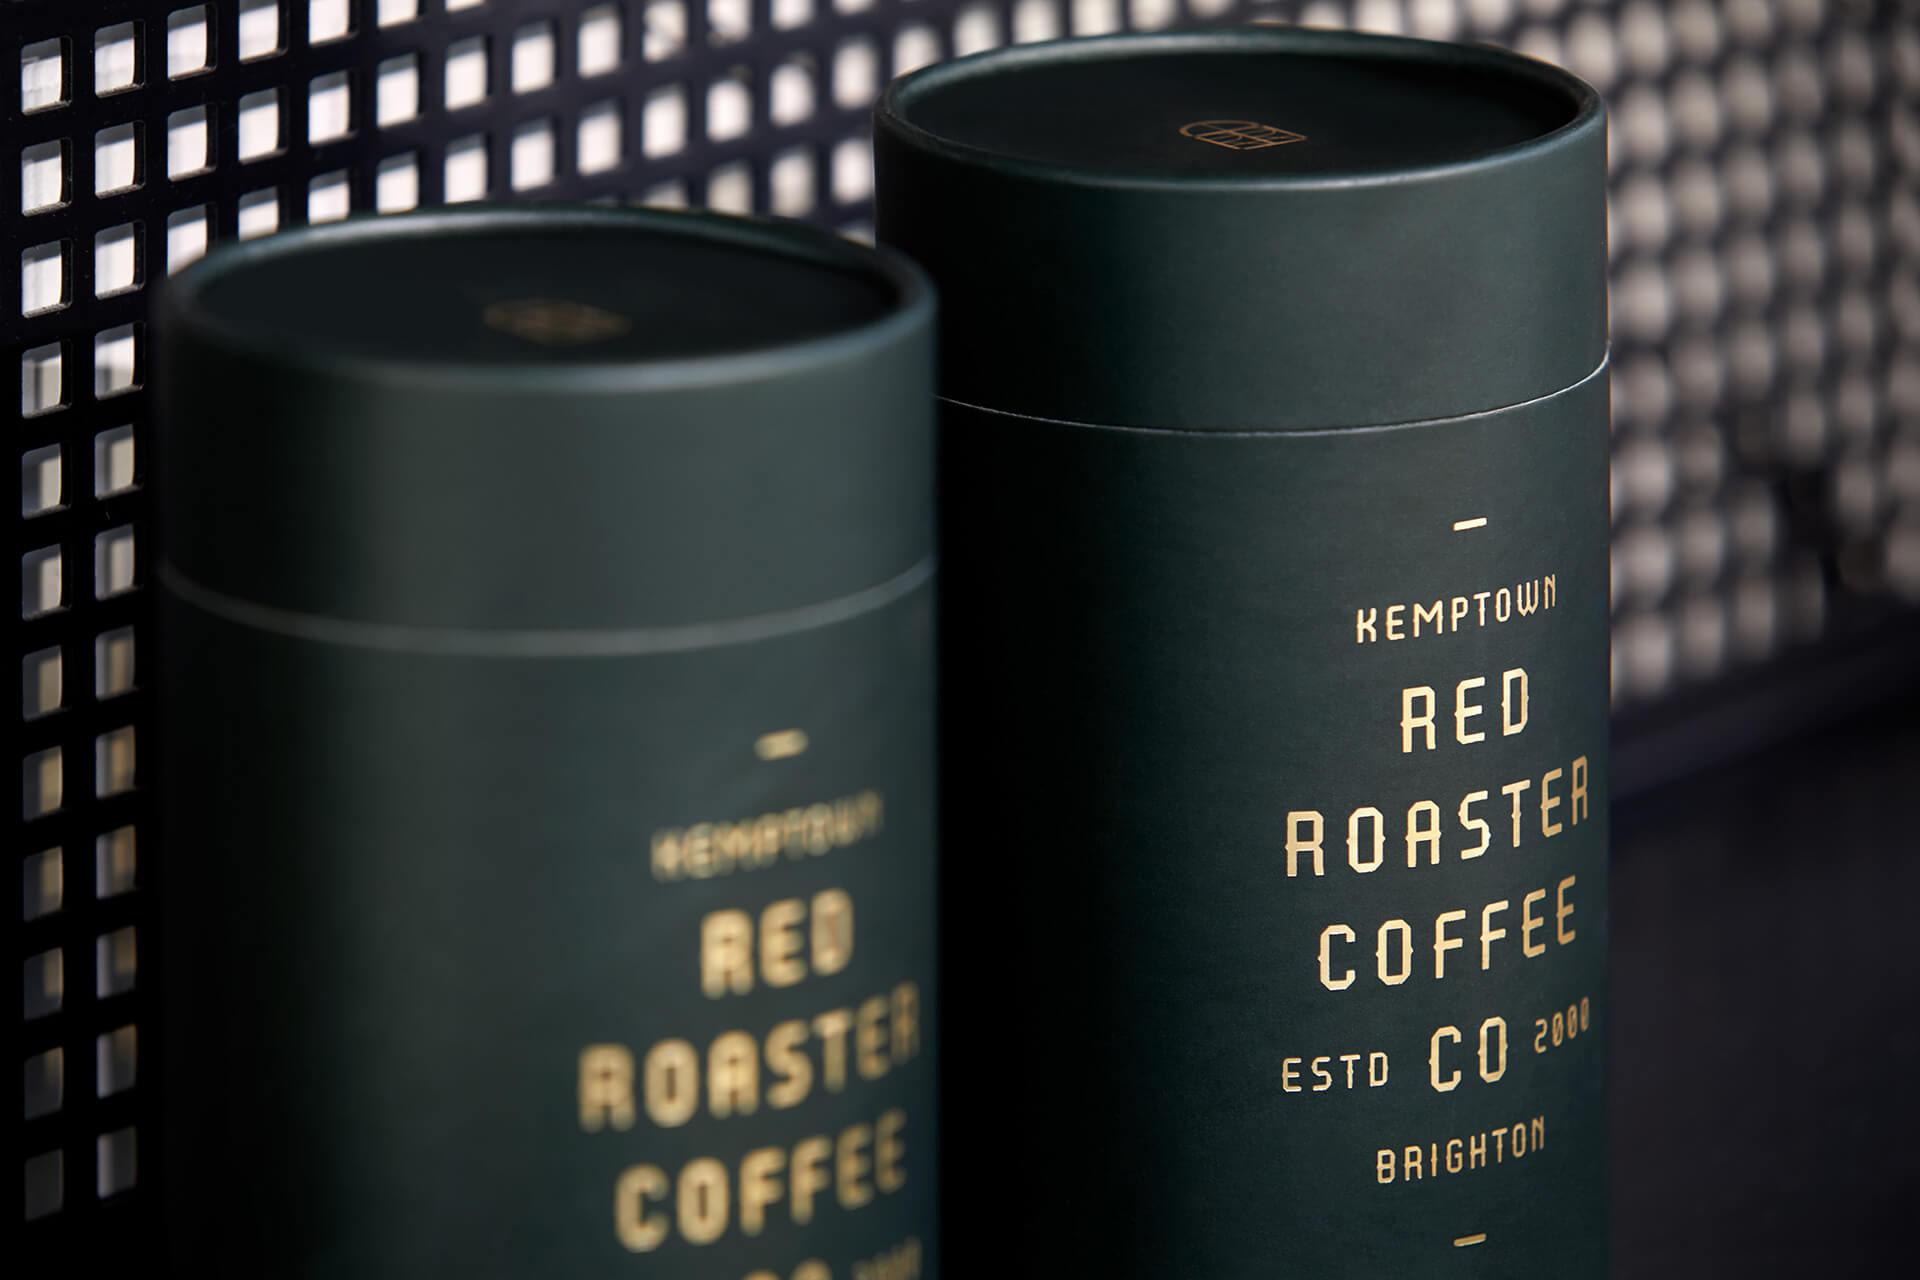 Emballage vert foncé de Red Roaster Coffee